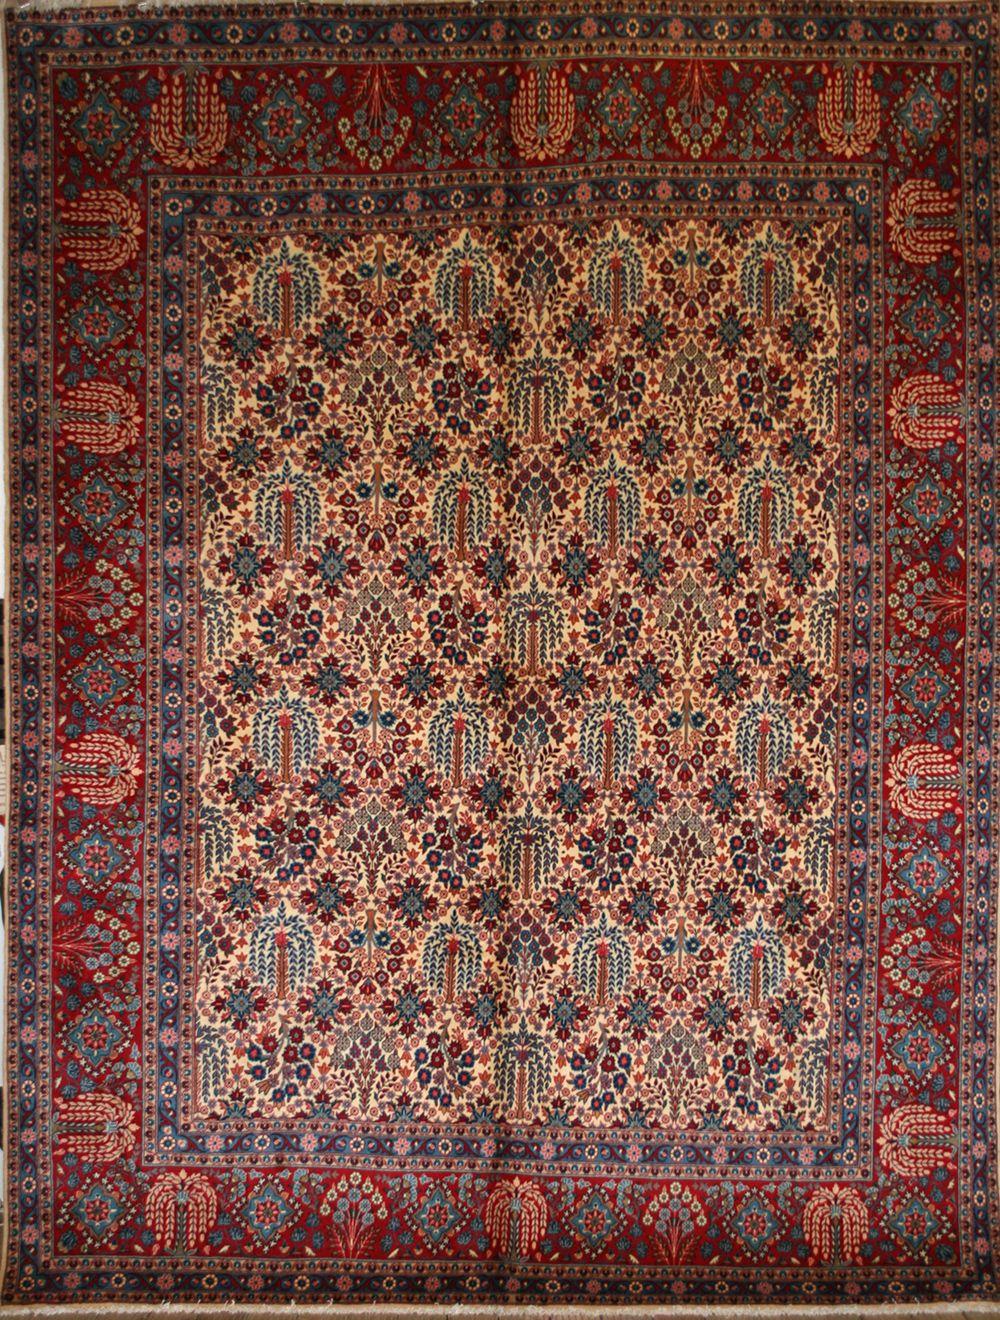 Rug Origin Iran Persian Name Yazd Length 3 95 M 12 Width 2 9 8